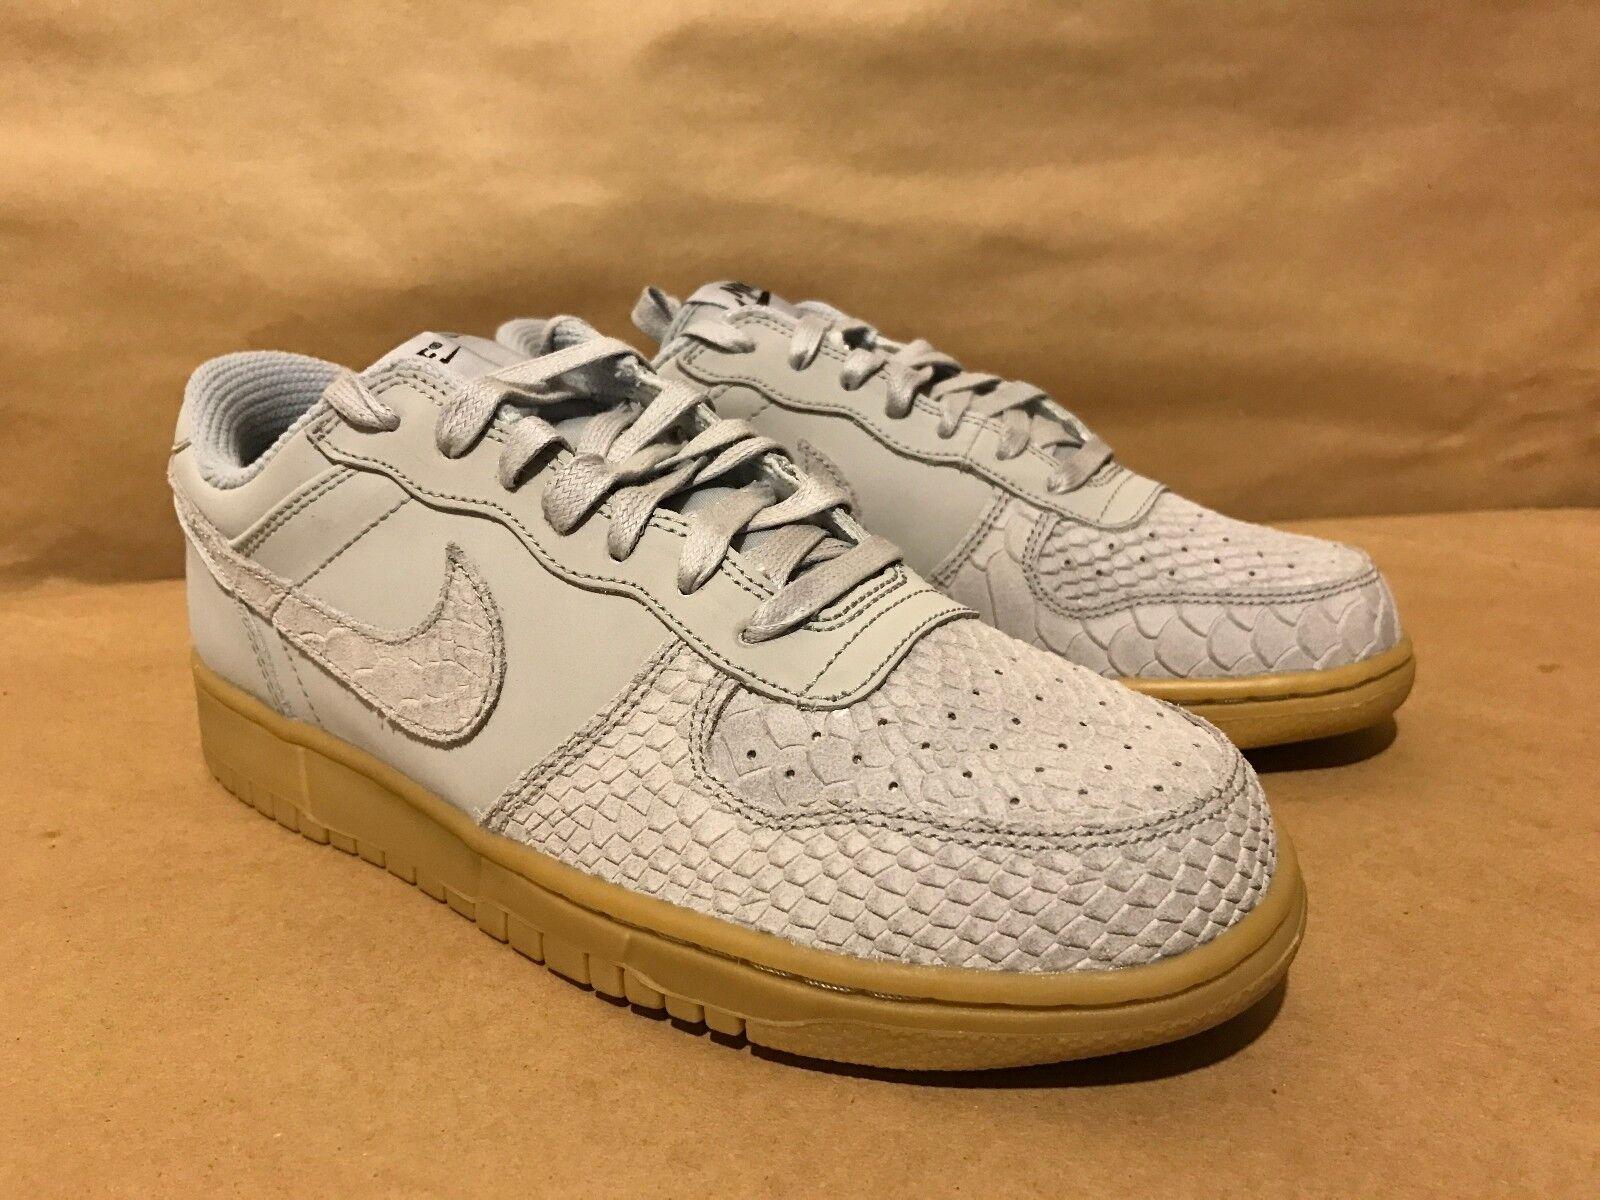 Big Nike Low Lux Wolf Grey/Wolf Grey-Gum Light Sizes 8-12 NIB